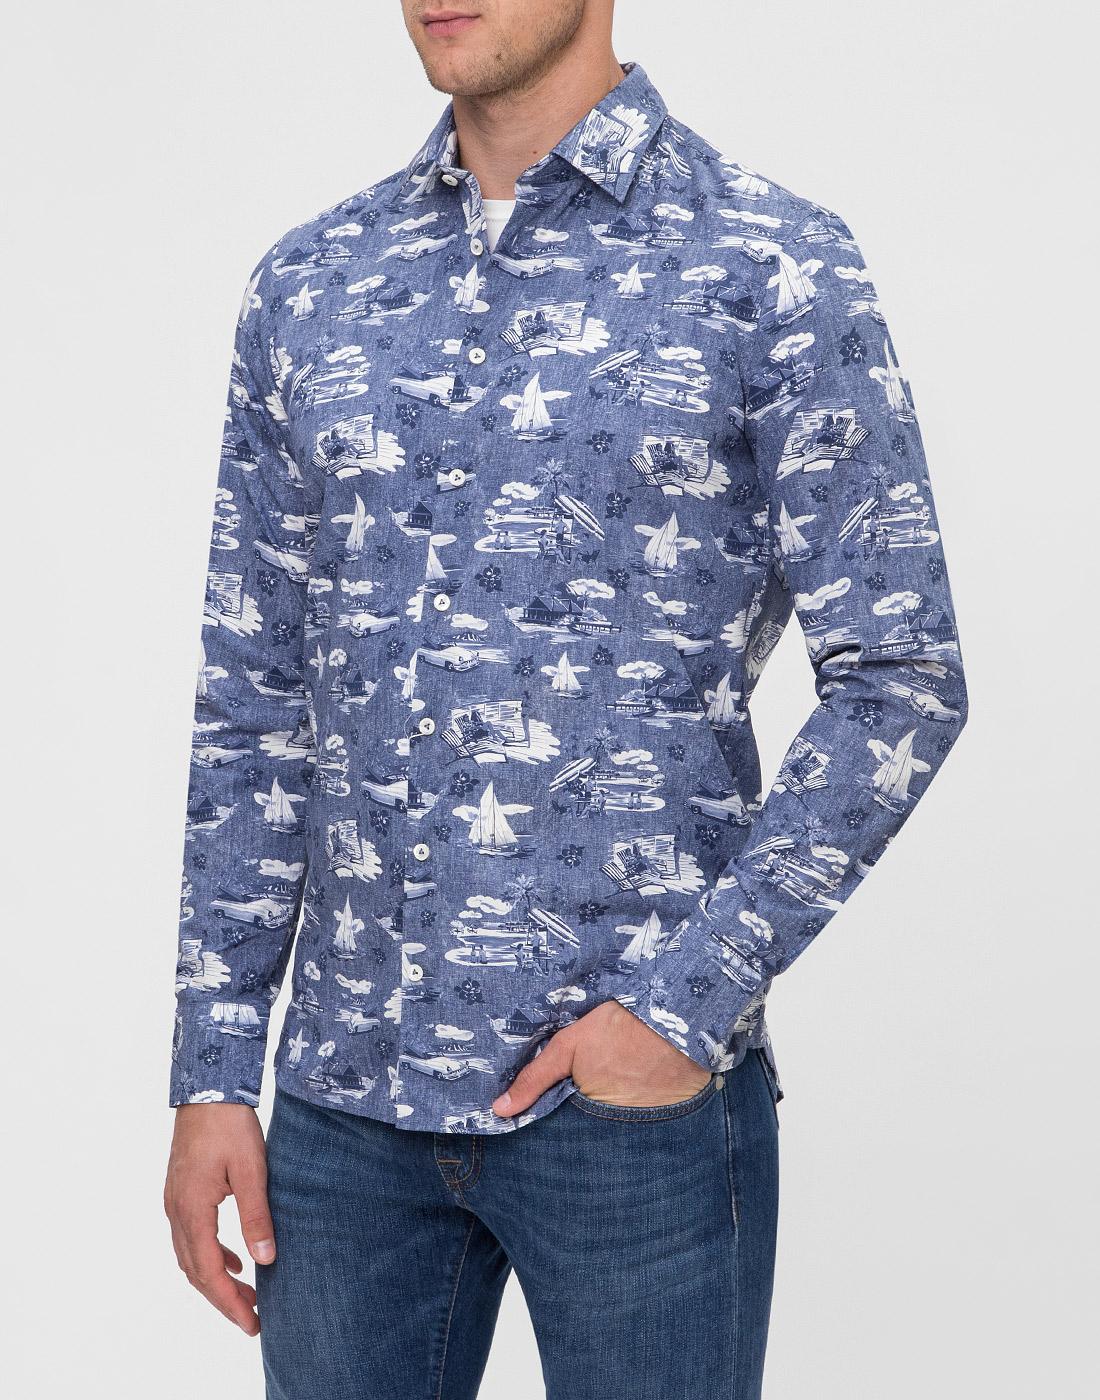 Мужская синяя рубашка с принтом Van Laack S170160/780-3